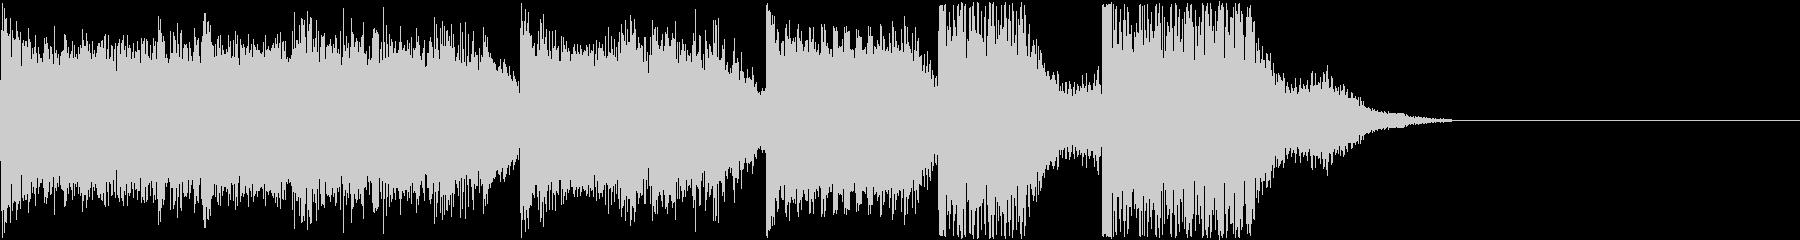 AI メカ/ロボ/マシン動作音 34の未再生の波形